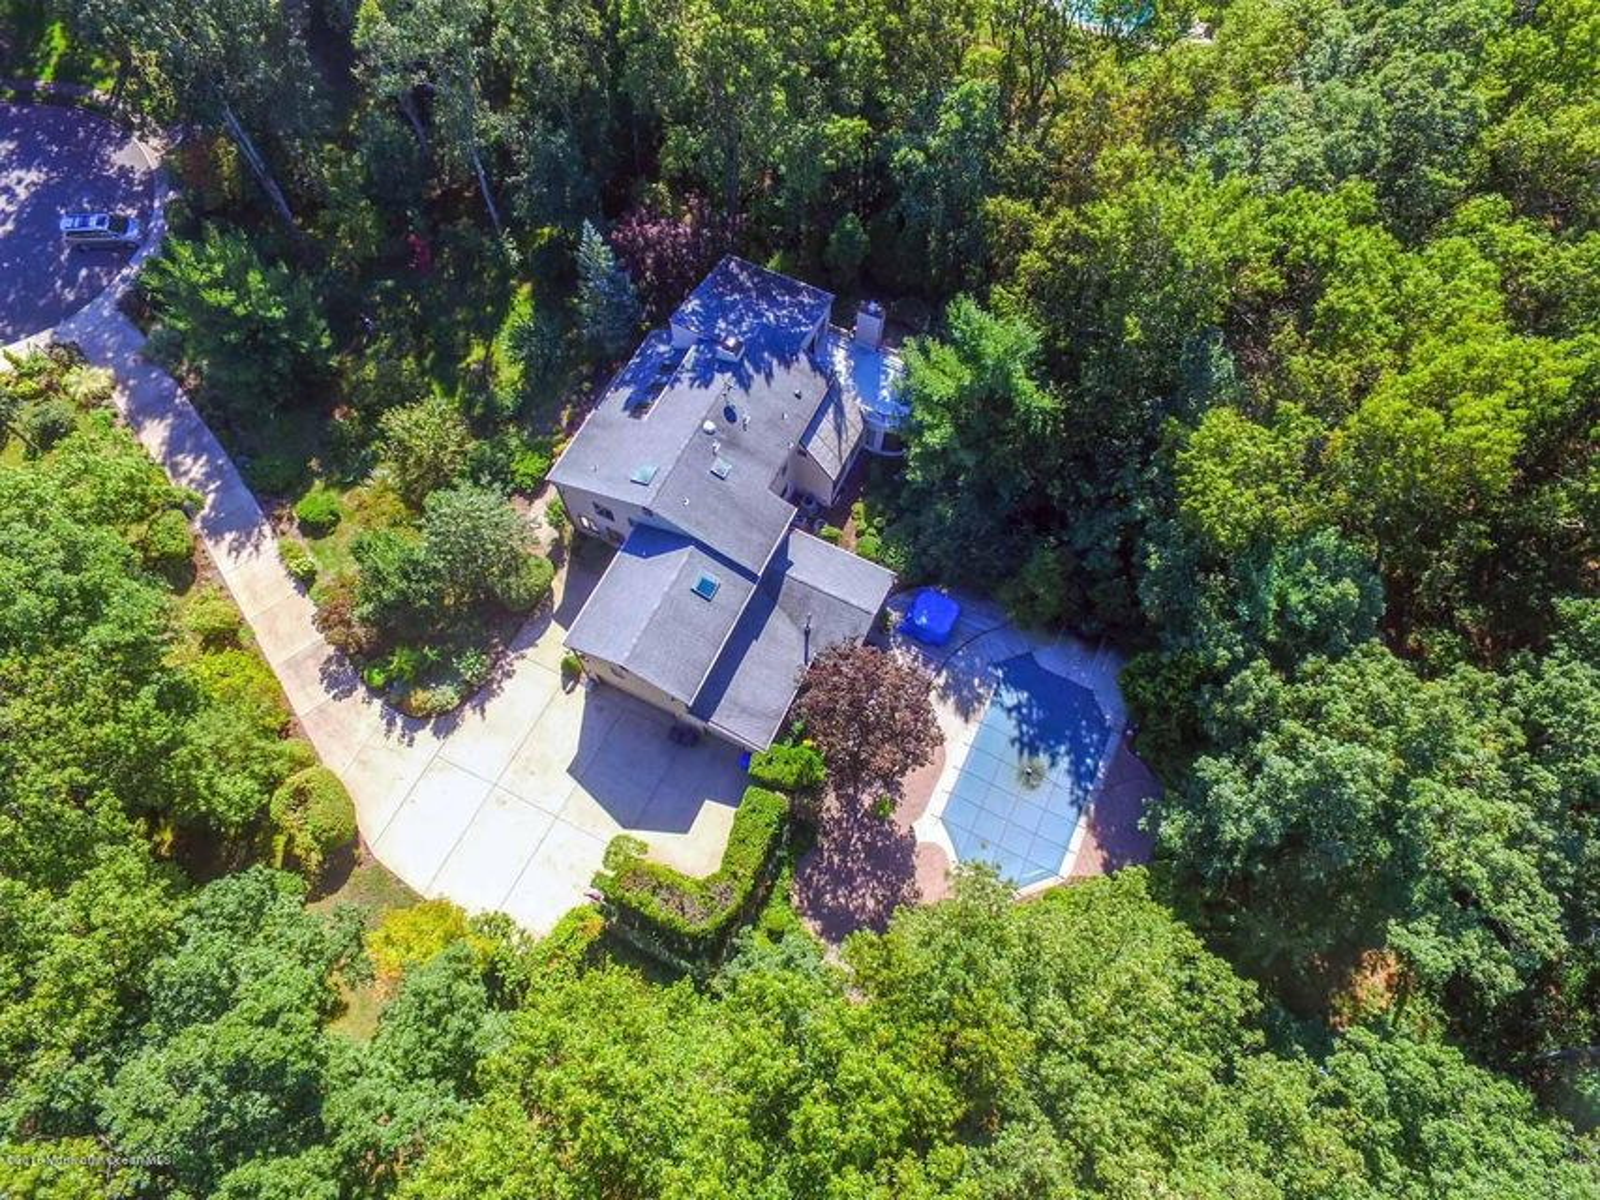 独户住宅 为 销售 在 539 Fielders Lane 汤姆斯河, 新泽西州 08755 美国